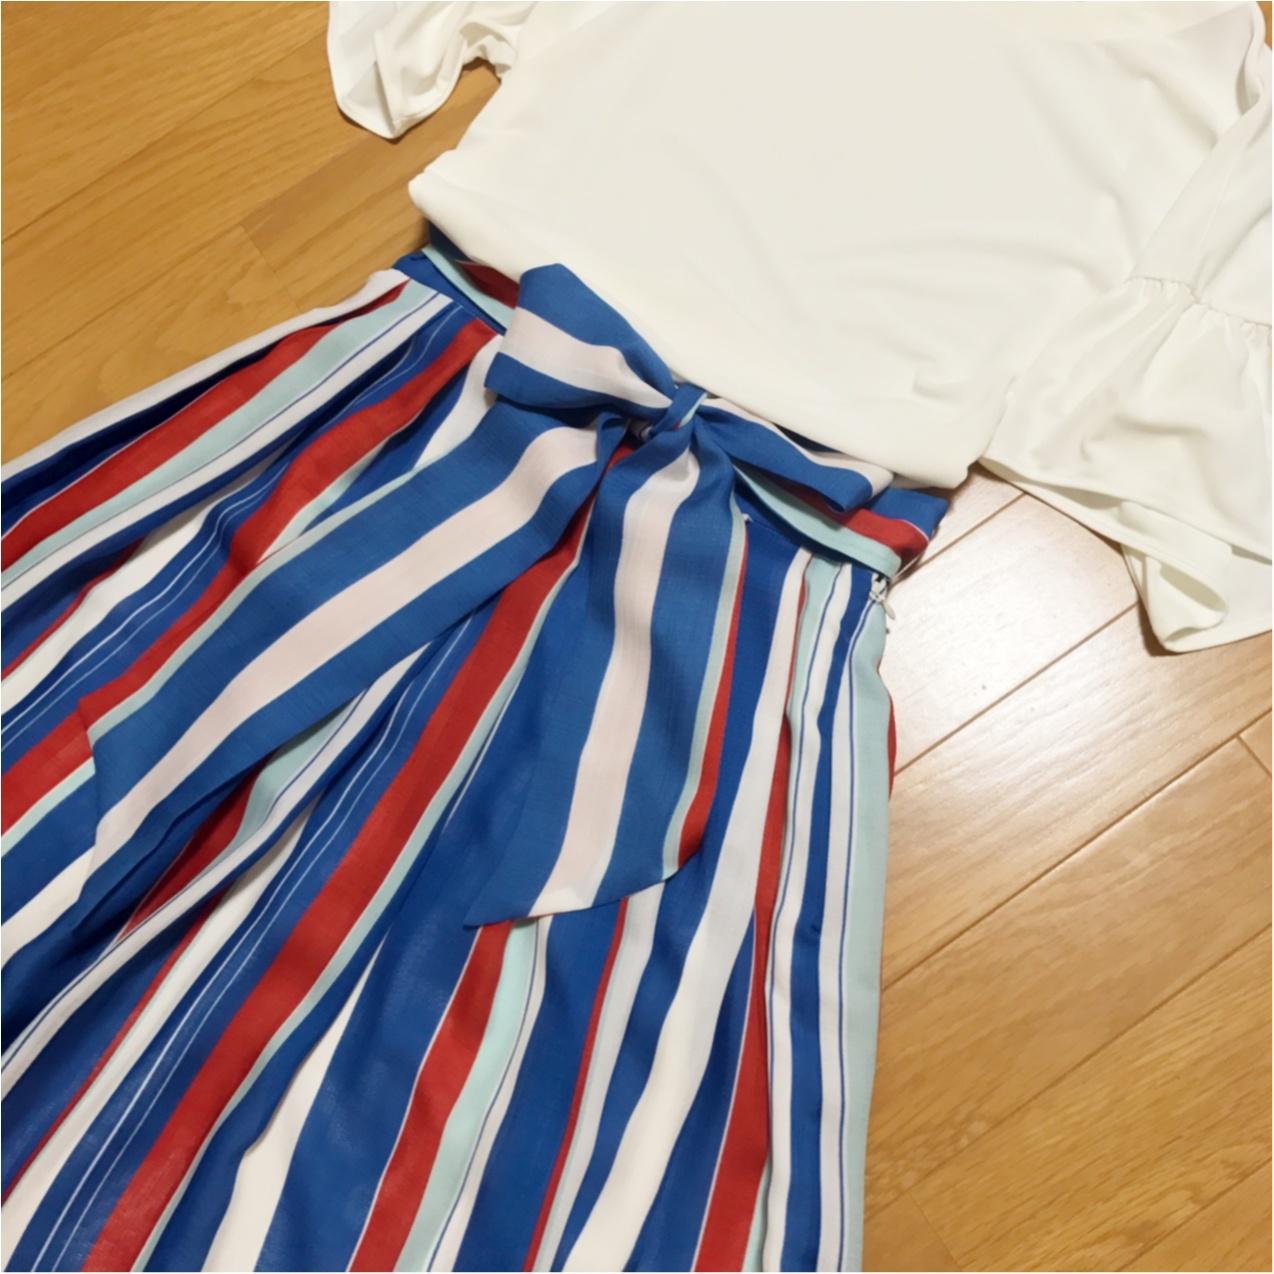 完売アイテムをセールでget!《And Couture》の主役級スカートにひとめぼれ♡_2